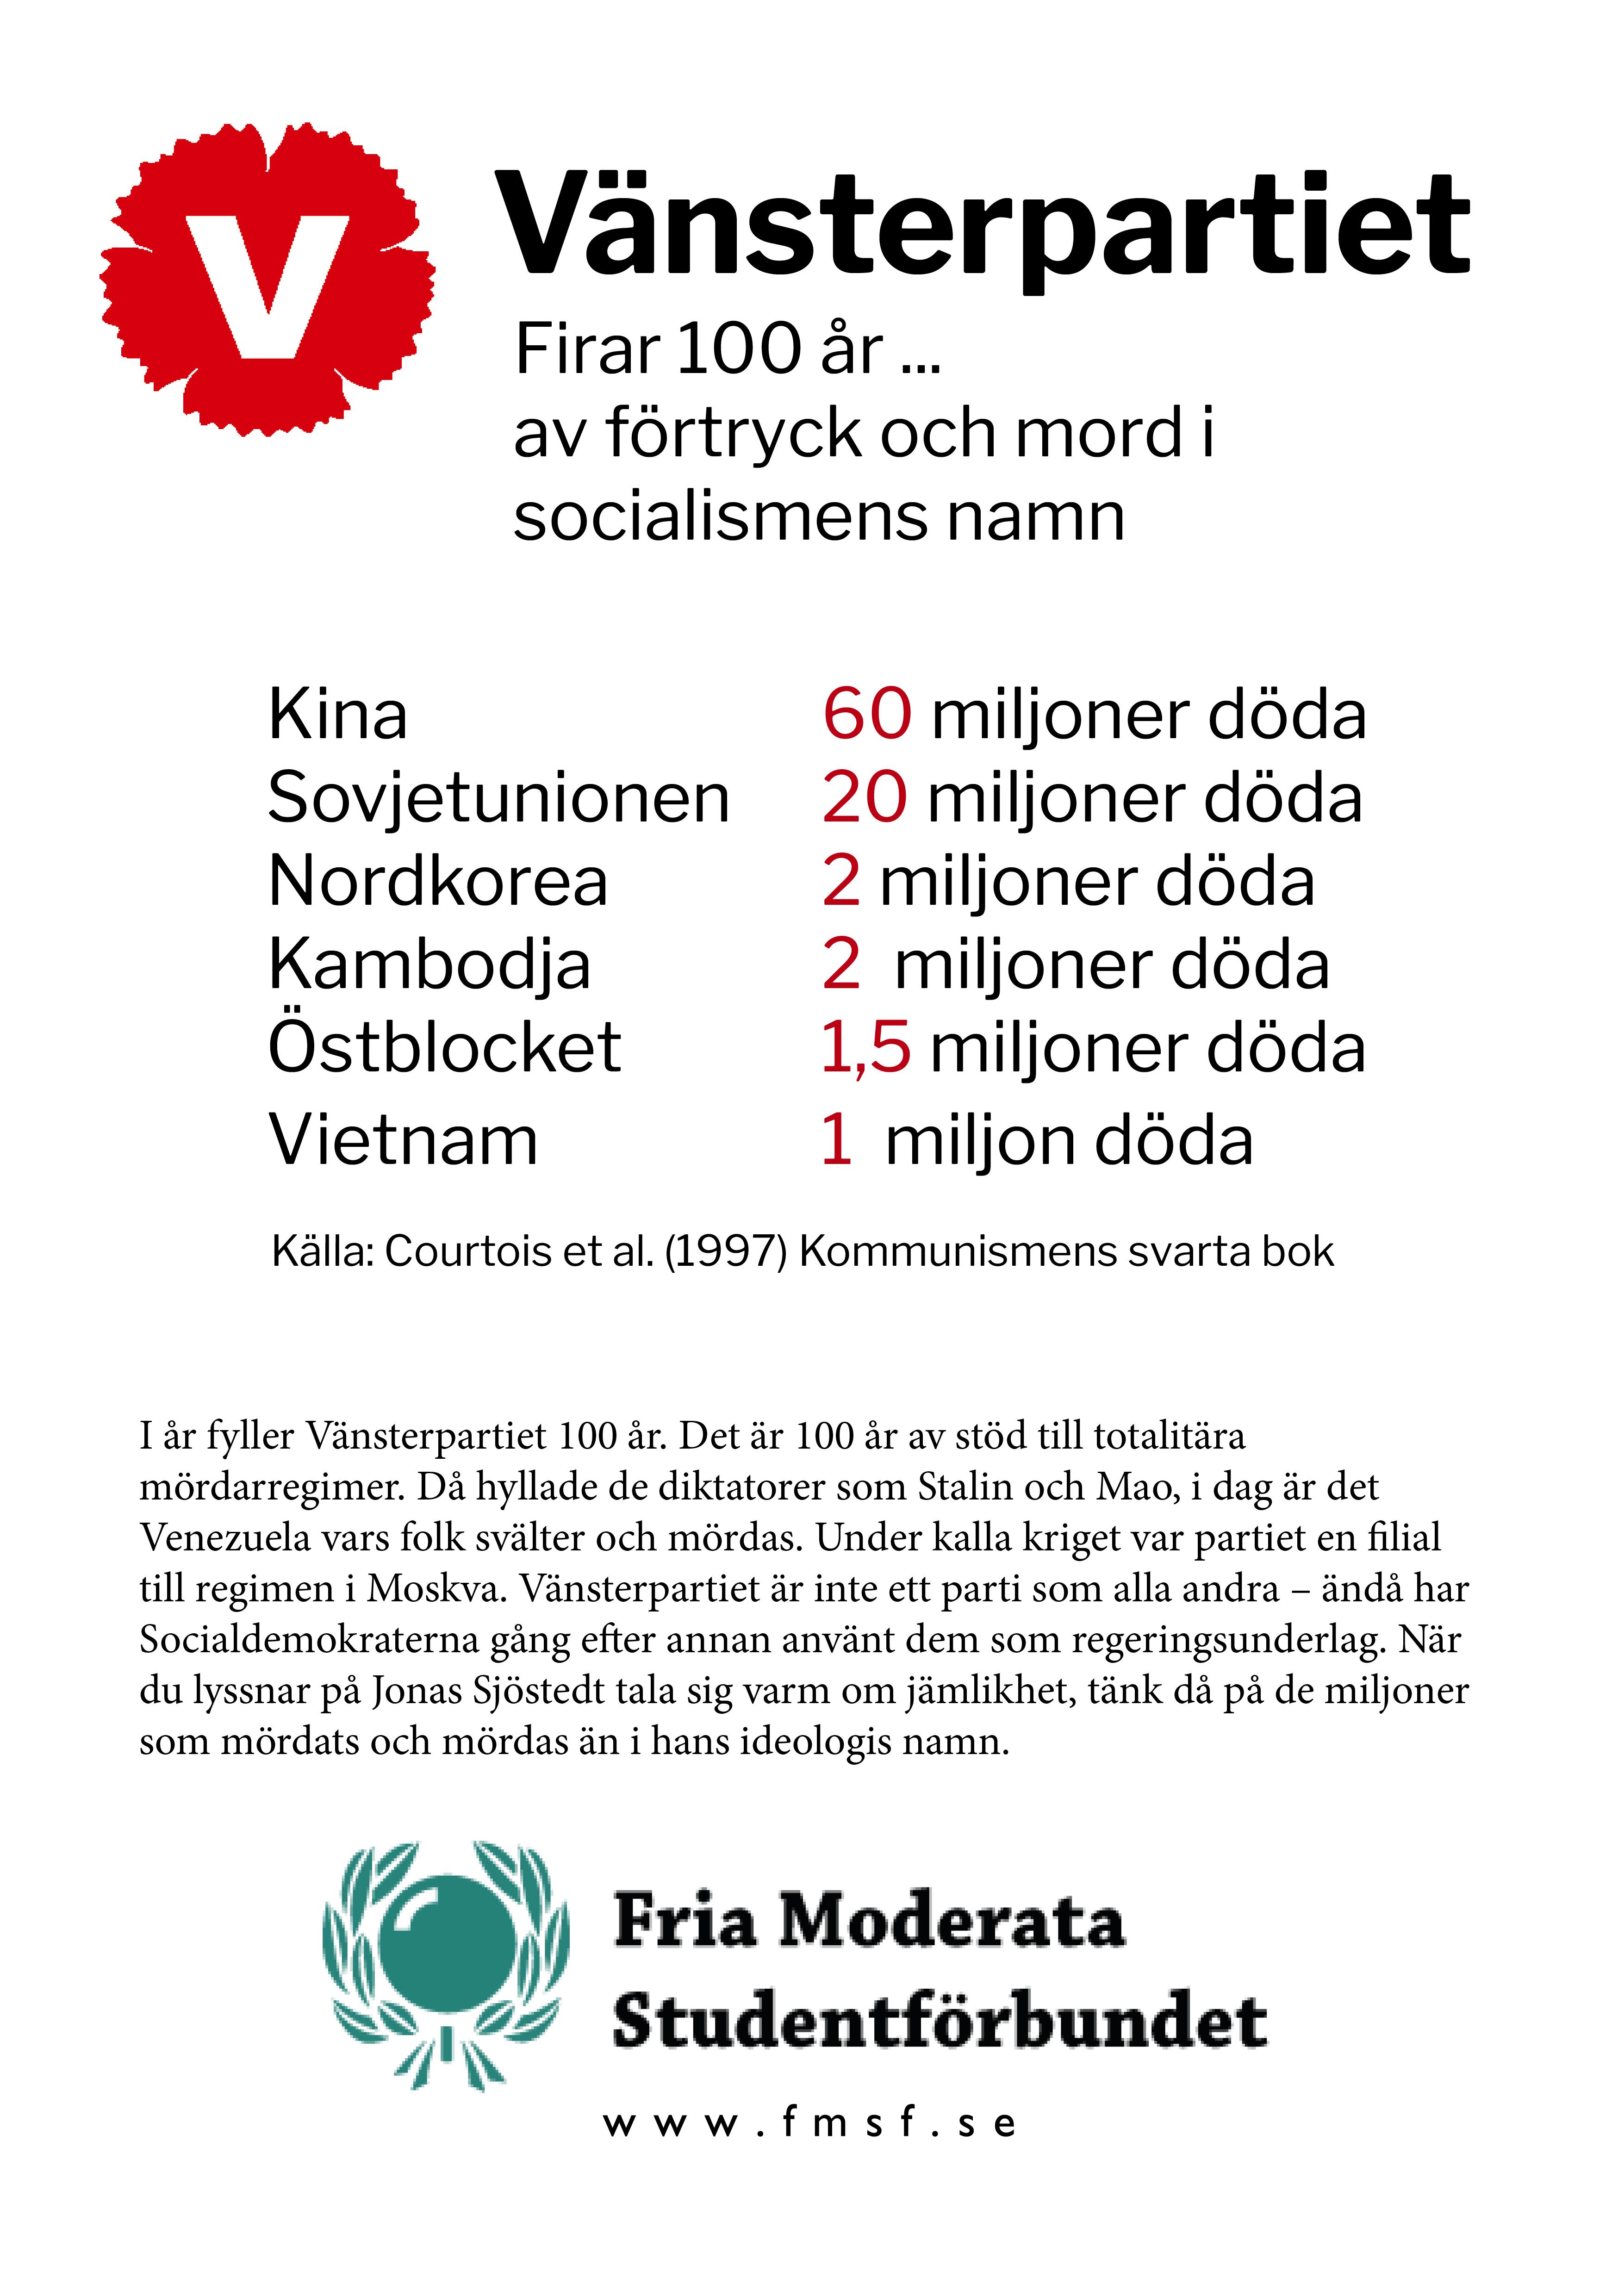 Vänsterpartiets dag i Almedalen